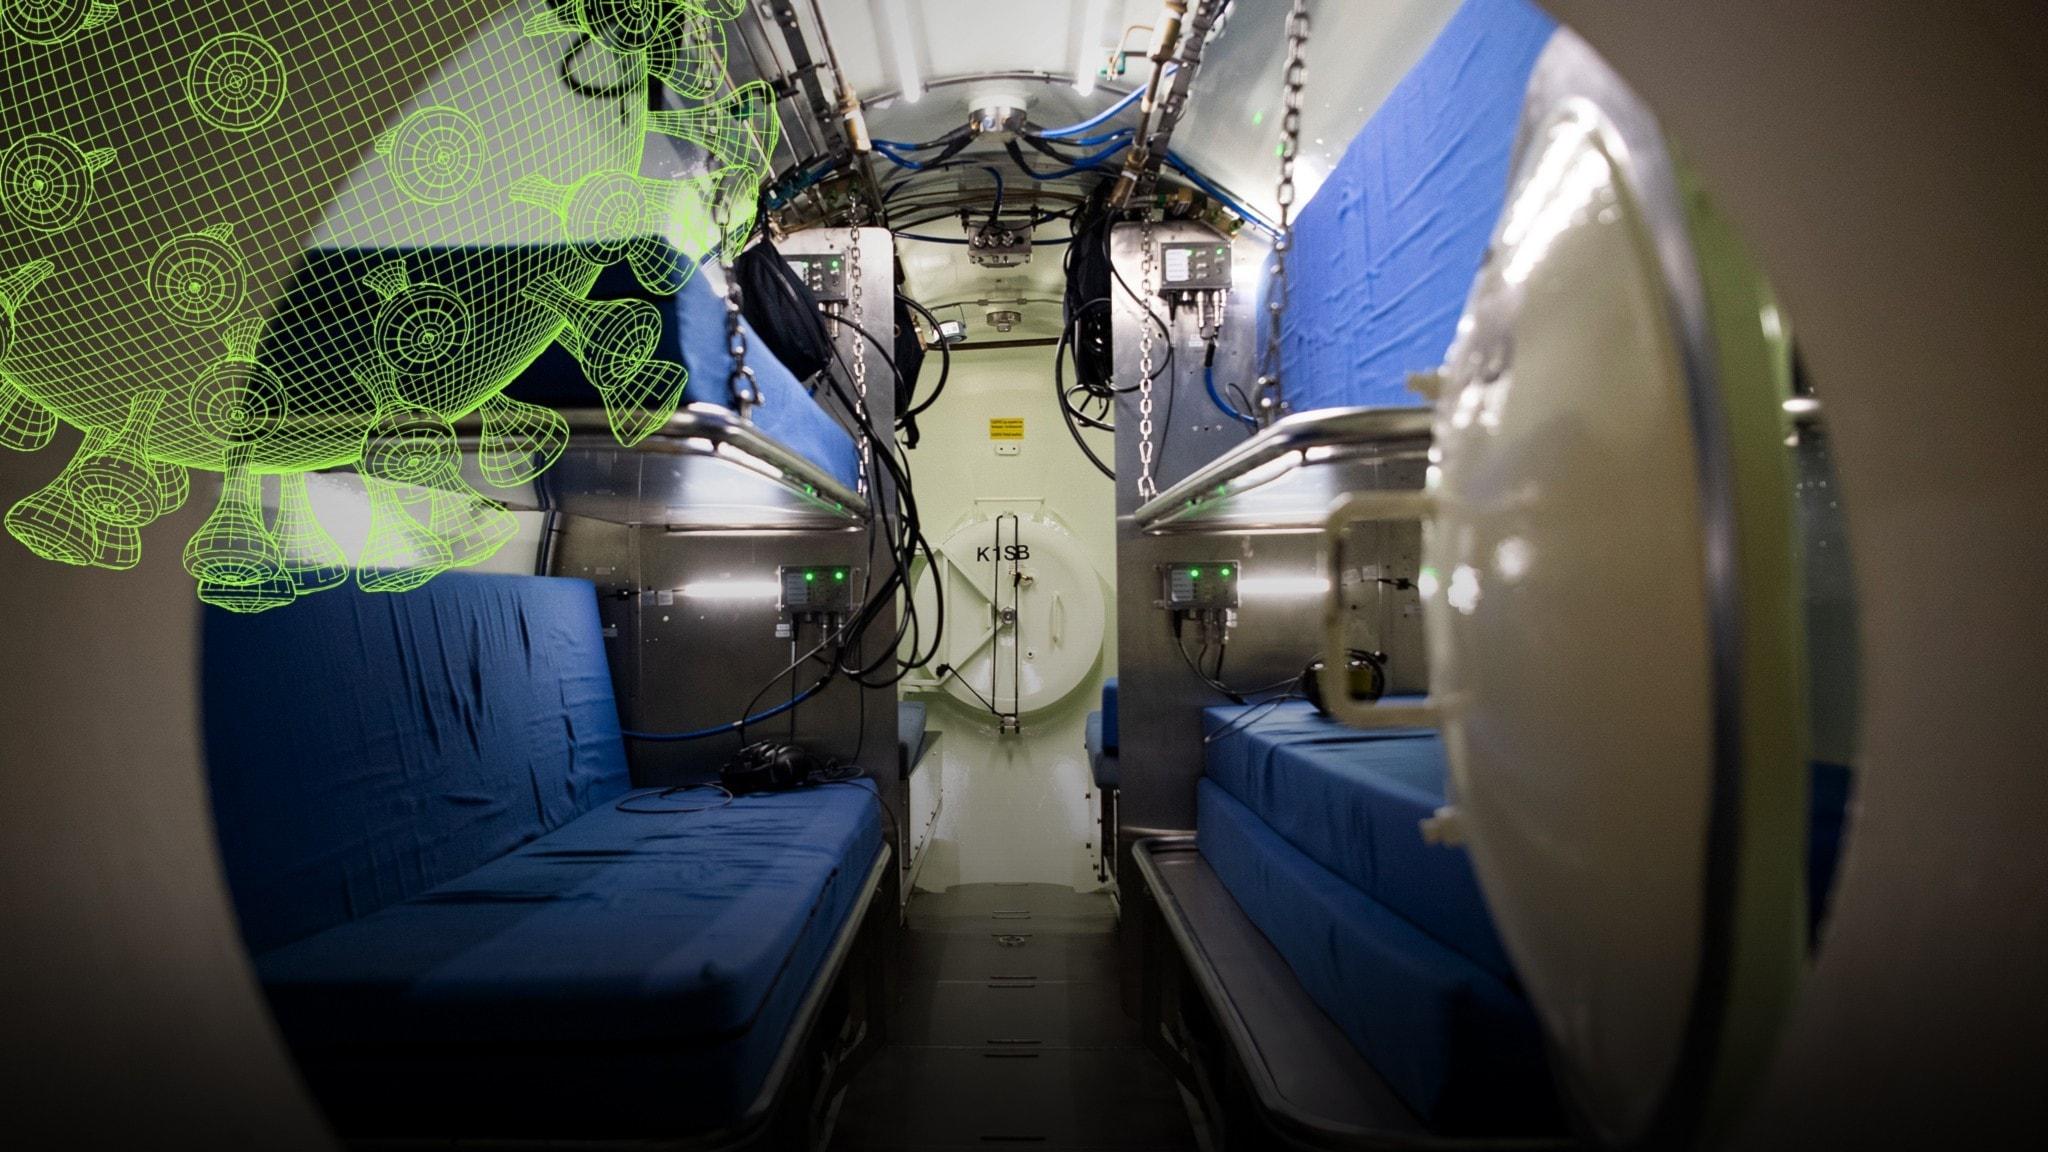 Kan covid-19 behandlas med tryckkammare? - Vetenskapsradions coronaspecial